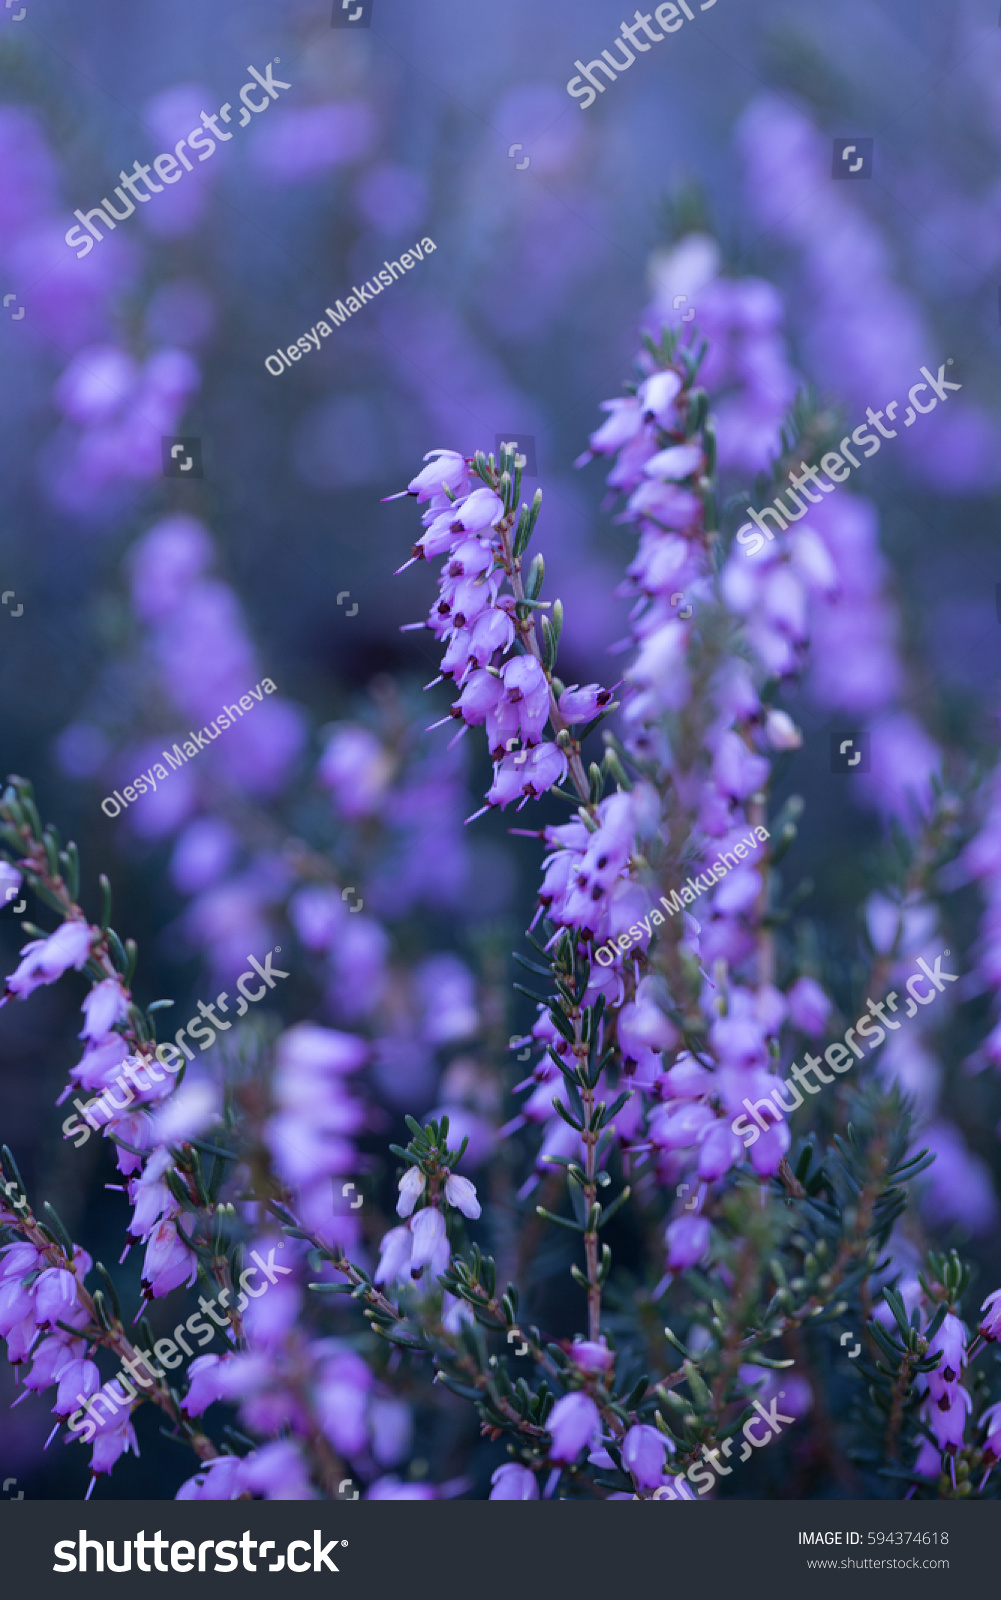 Purple Bell Flowers Stock Photo Edit Now 594374618 Shutterstock